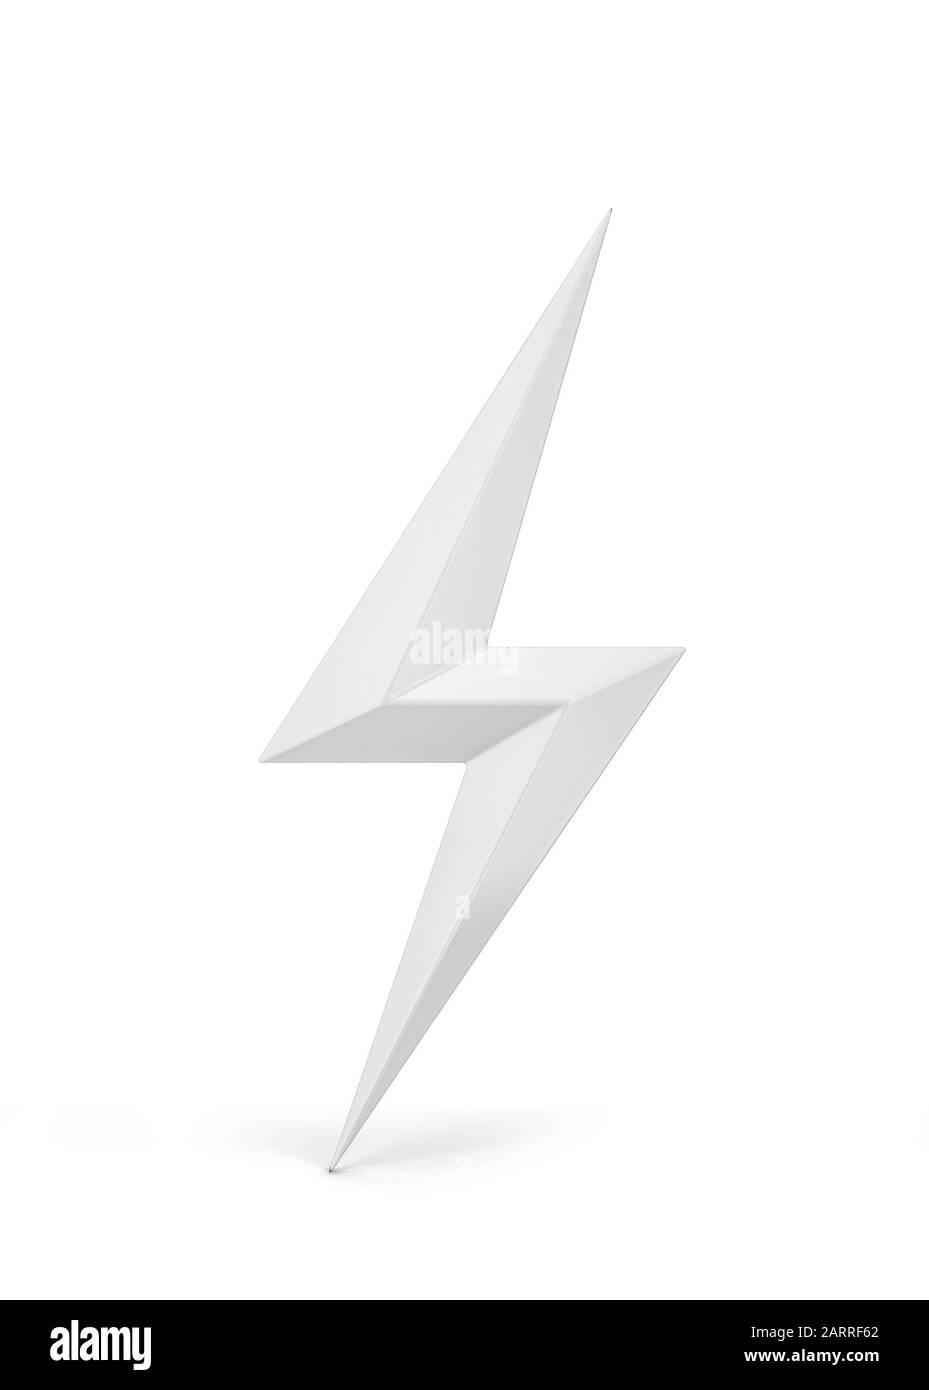 Lightning bolt symbol. 3d illustration isolated on white background Stock Photo